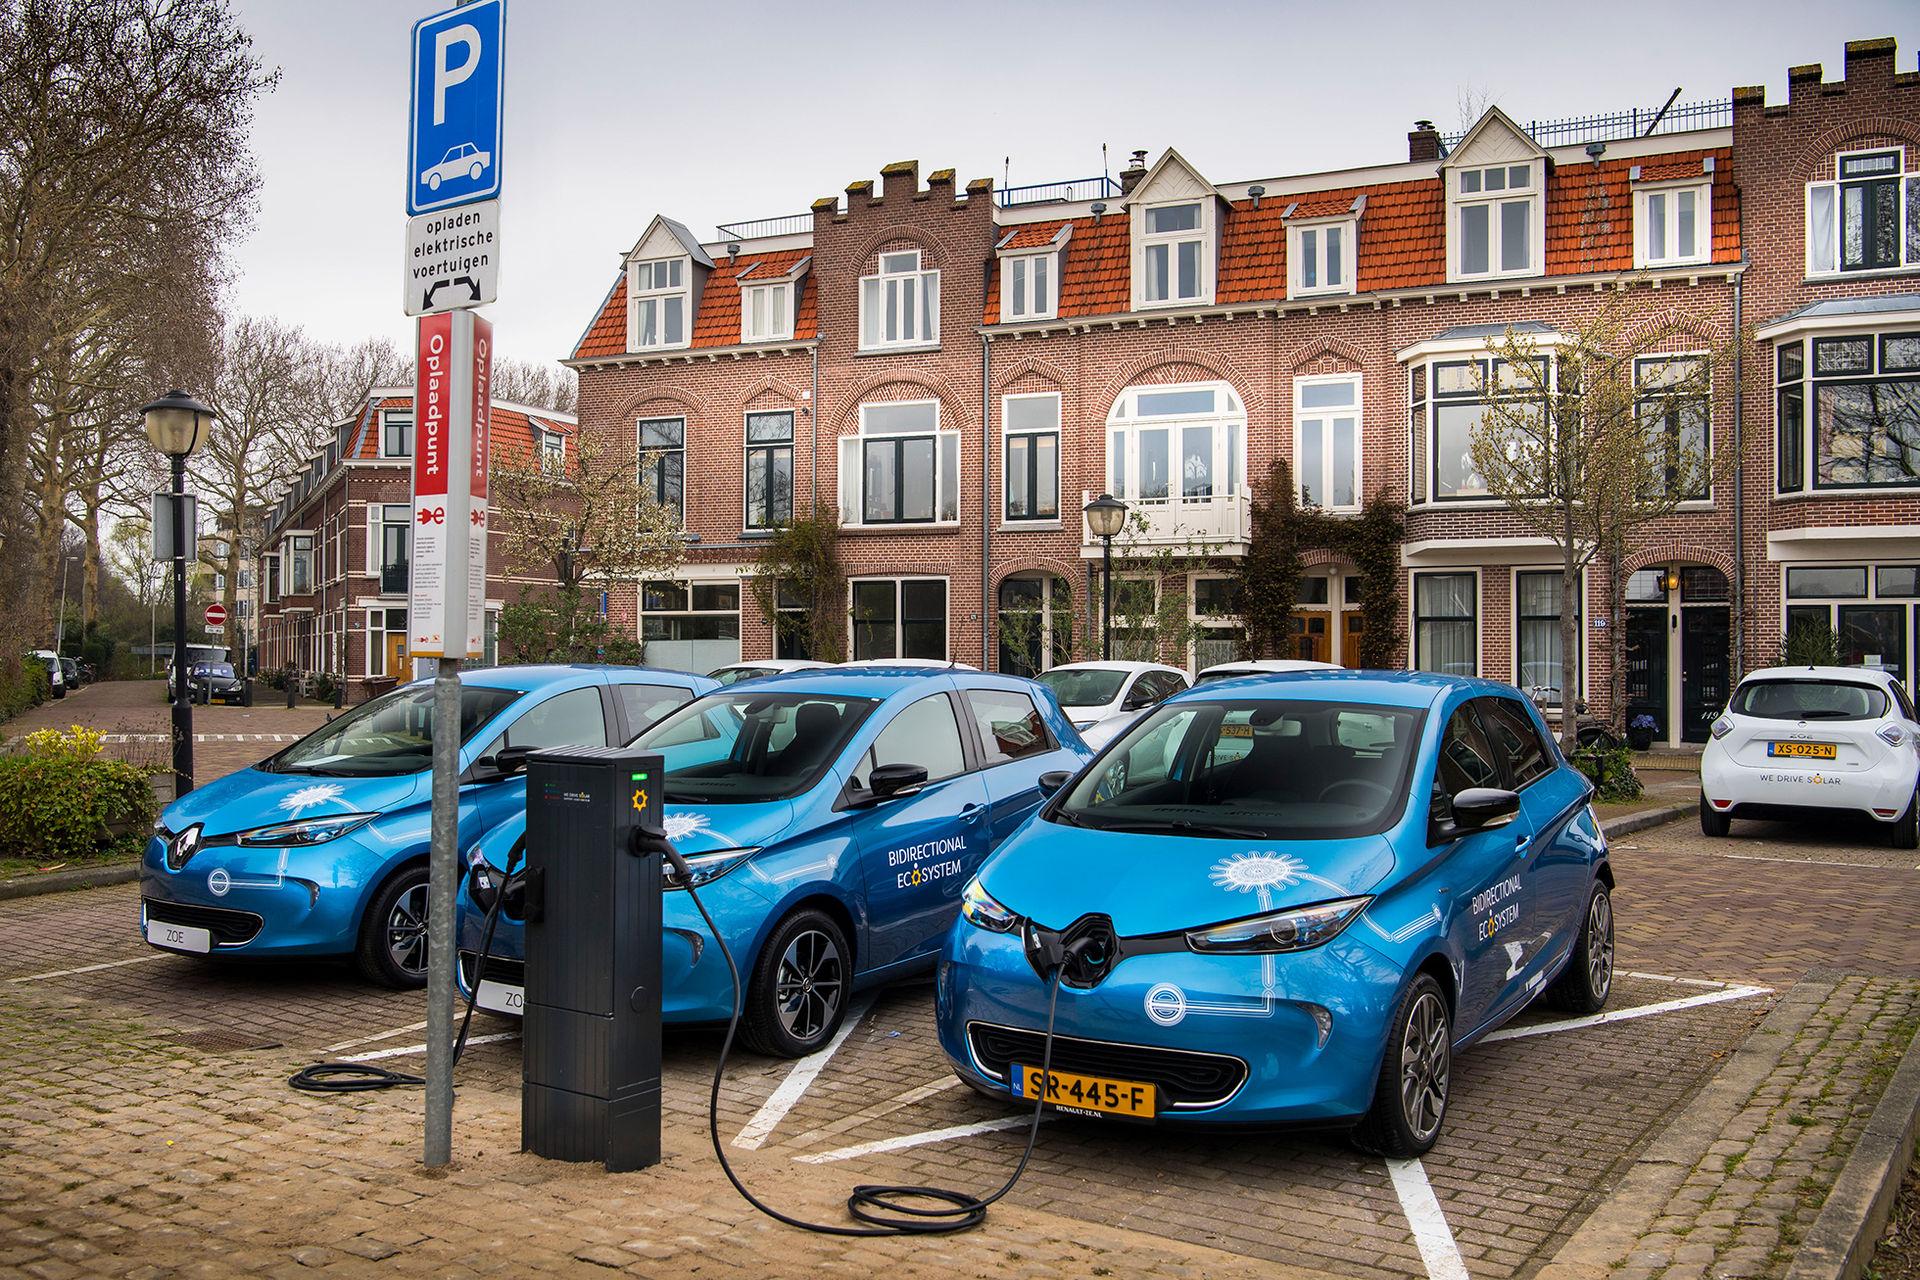 Renault inleder pilotprojekt med vehicle-to-grid